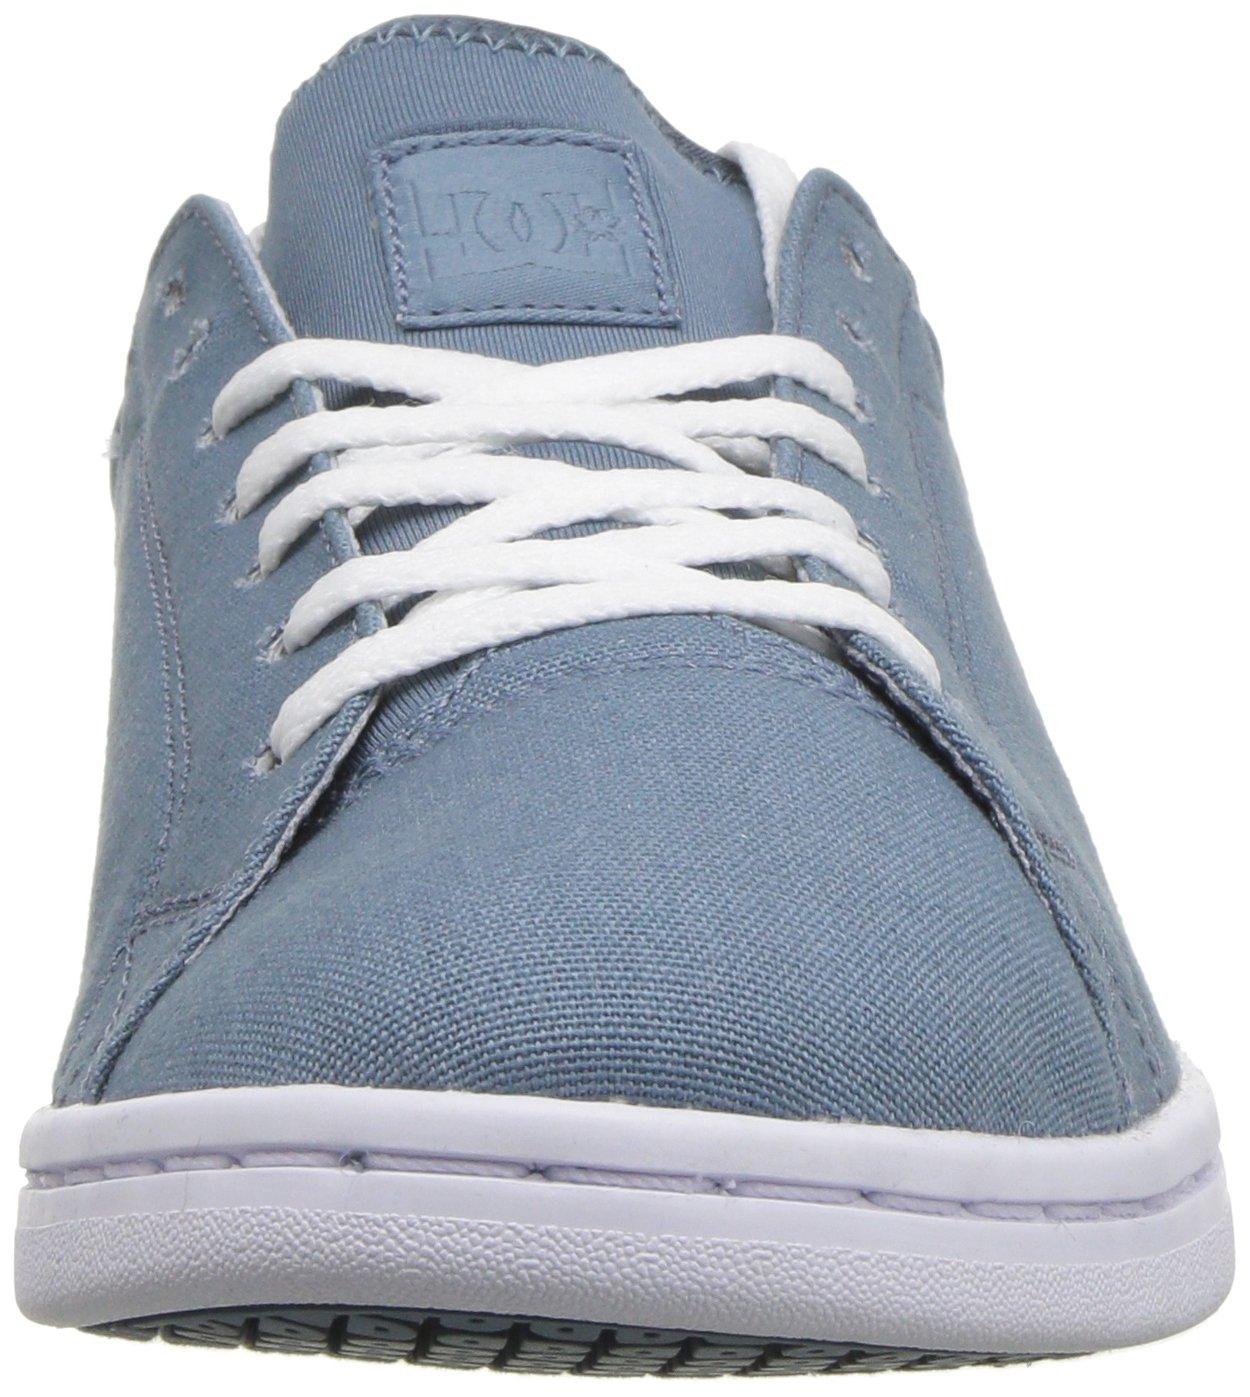 DC Modrá dámské Magnolia bílá TX skate skate boty Modrá bílá e4acfc3 ... 0c3879bf6b